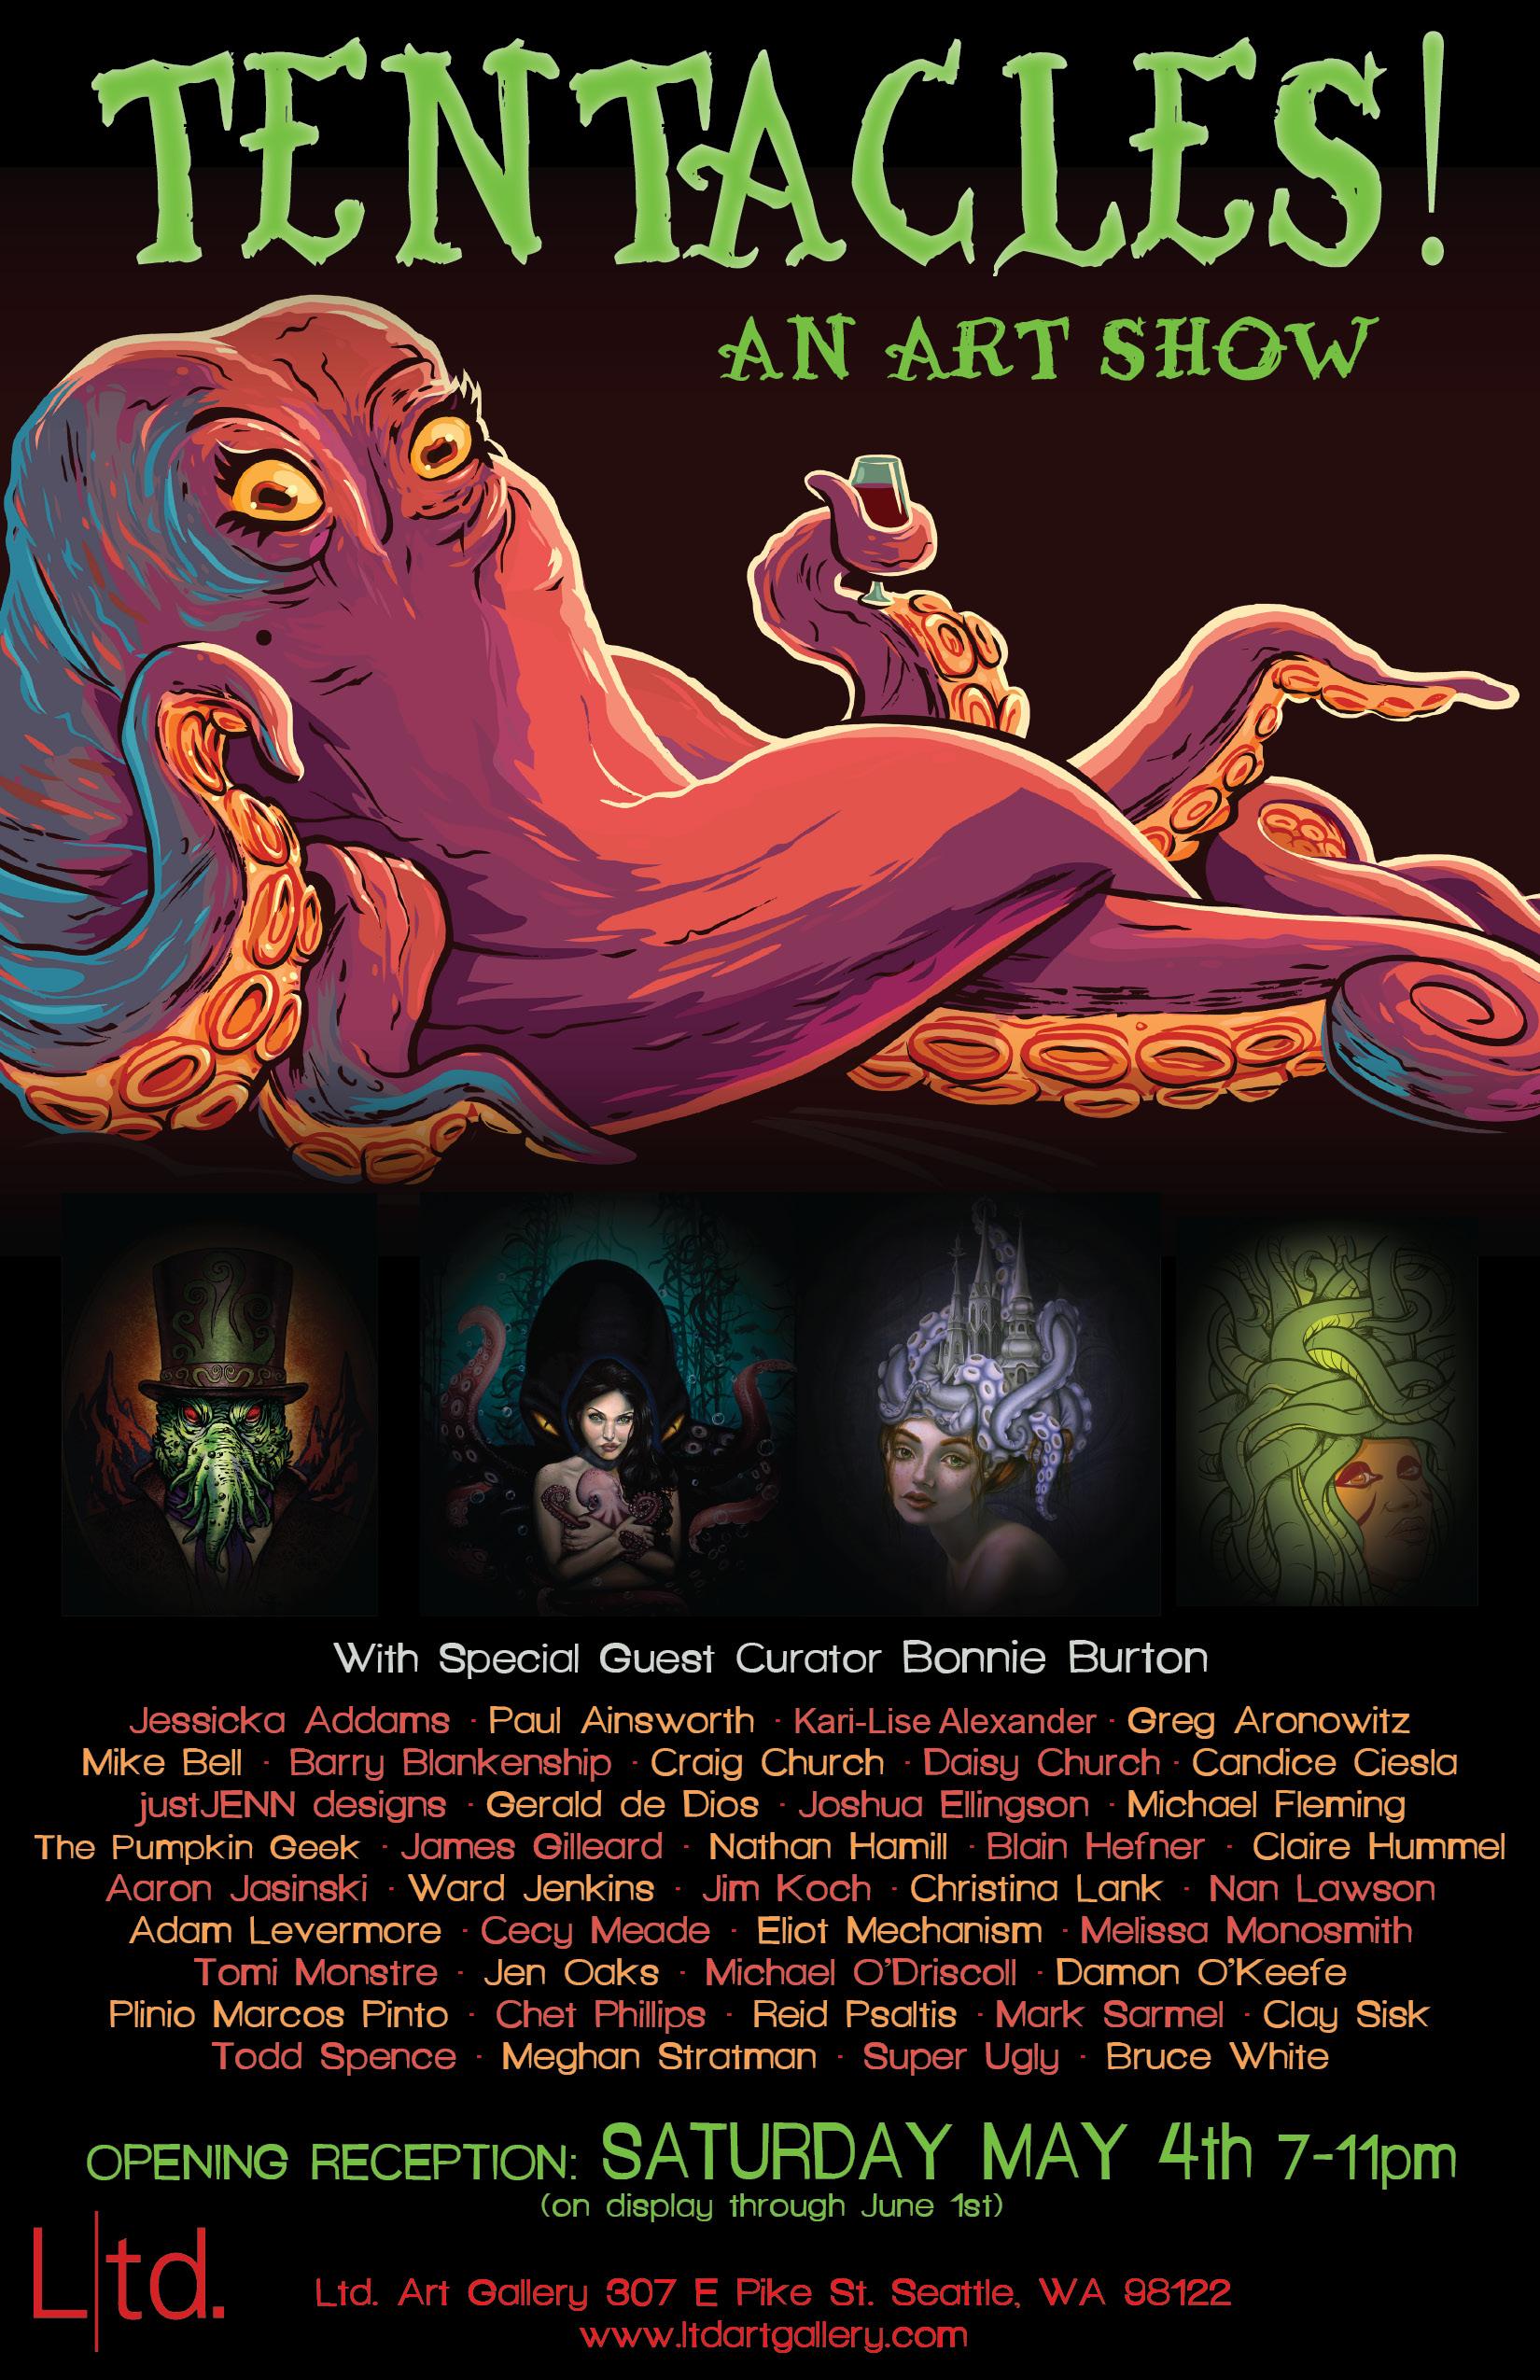 tentacle_poster.jpg